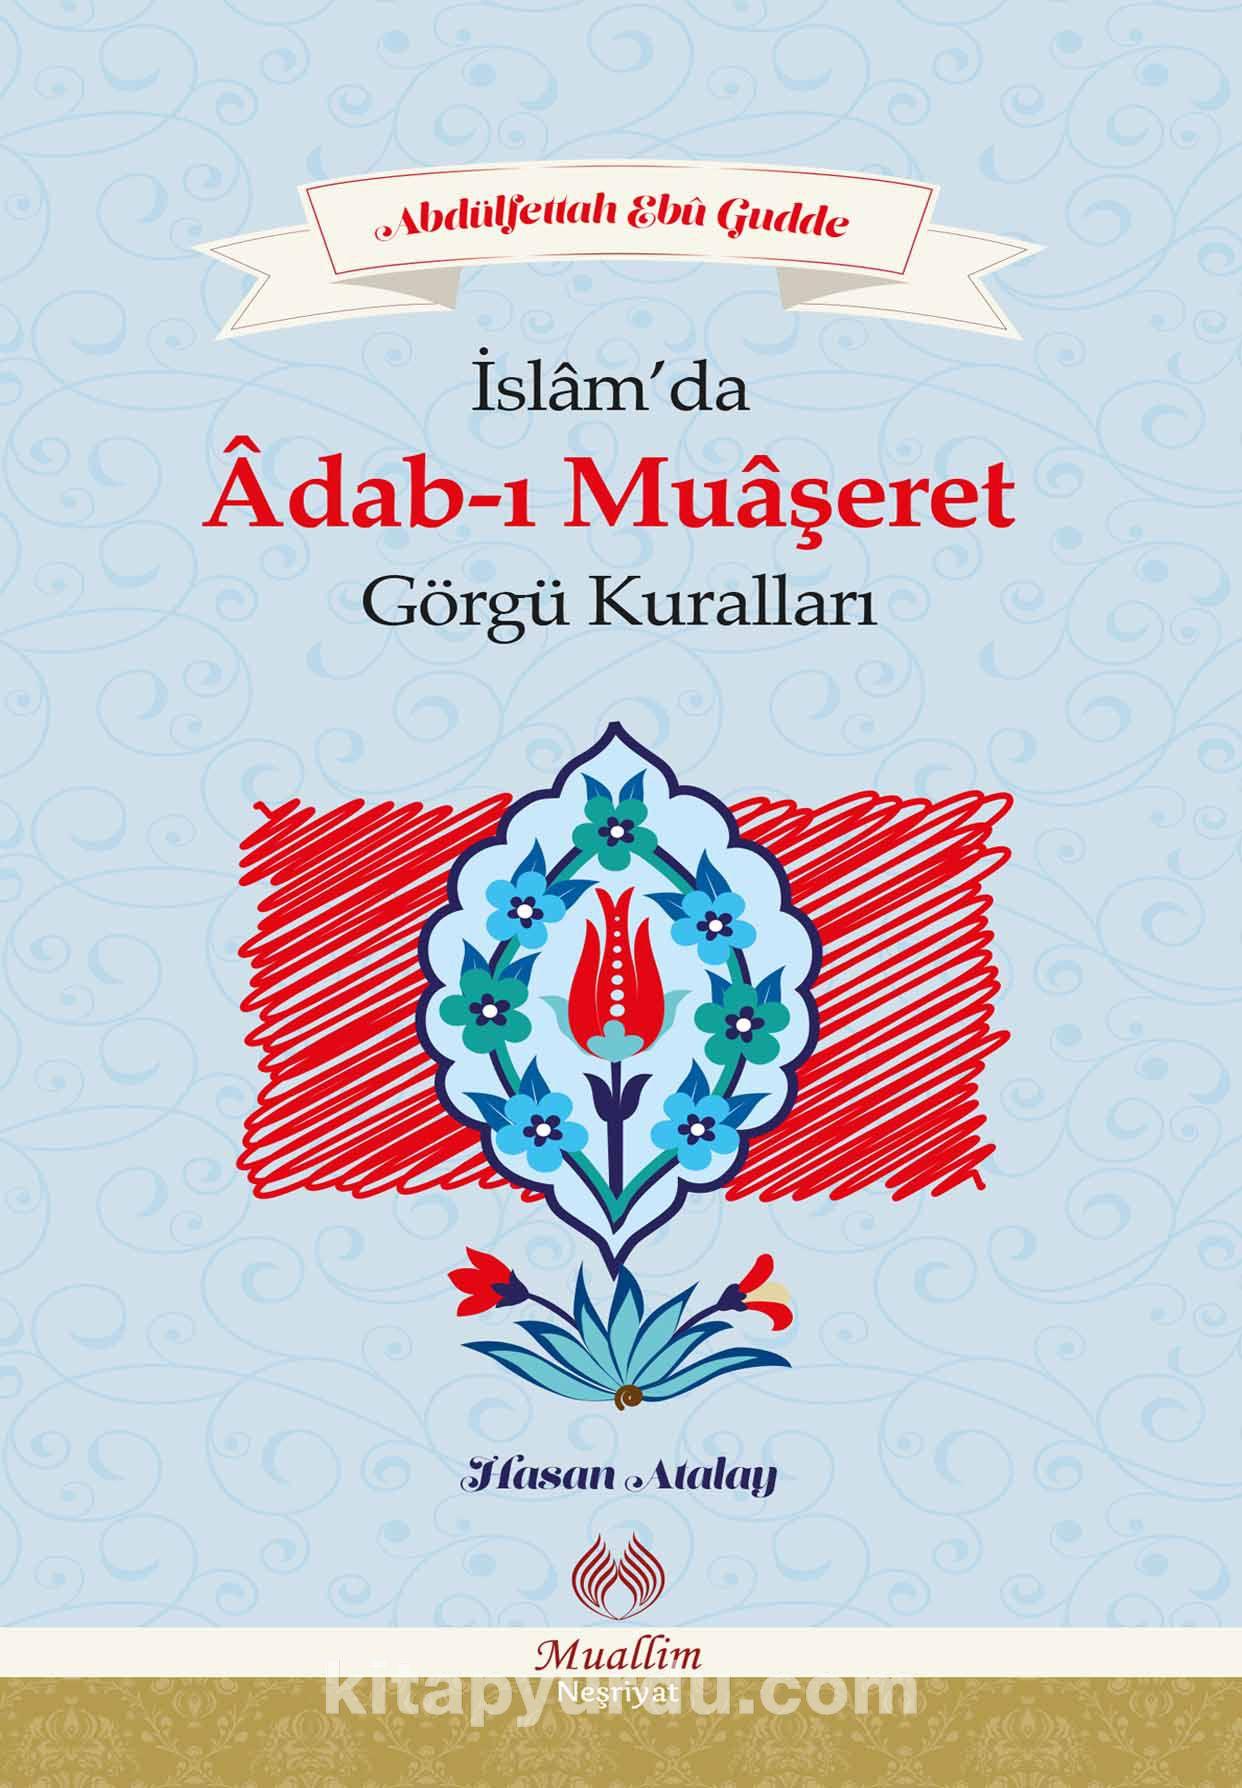 İslam'da Adab-ı Muaşeret ve Görgü Kuralları